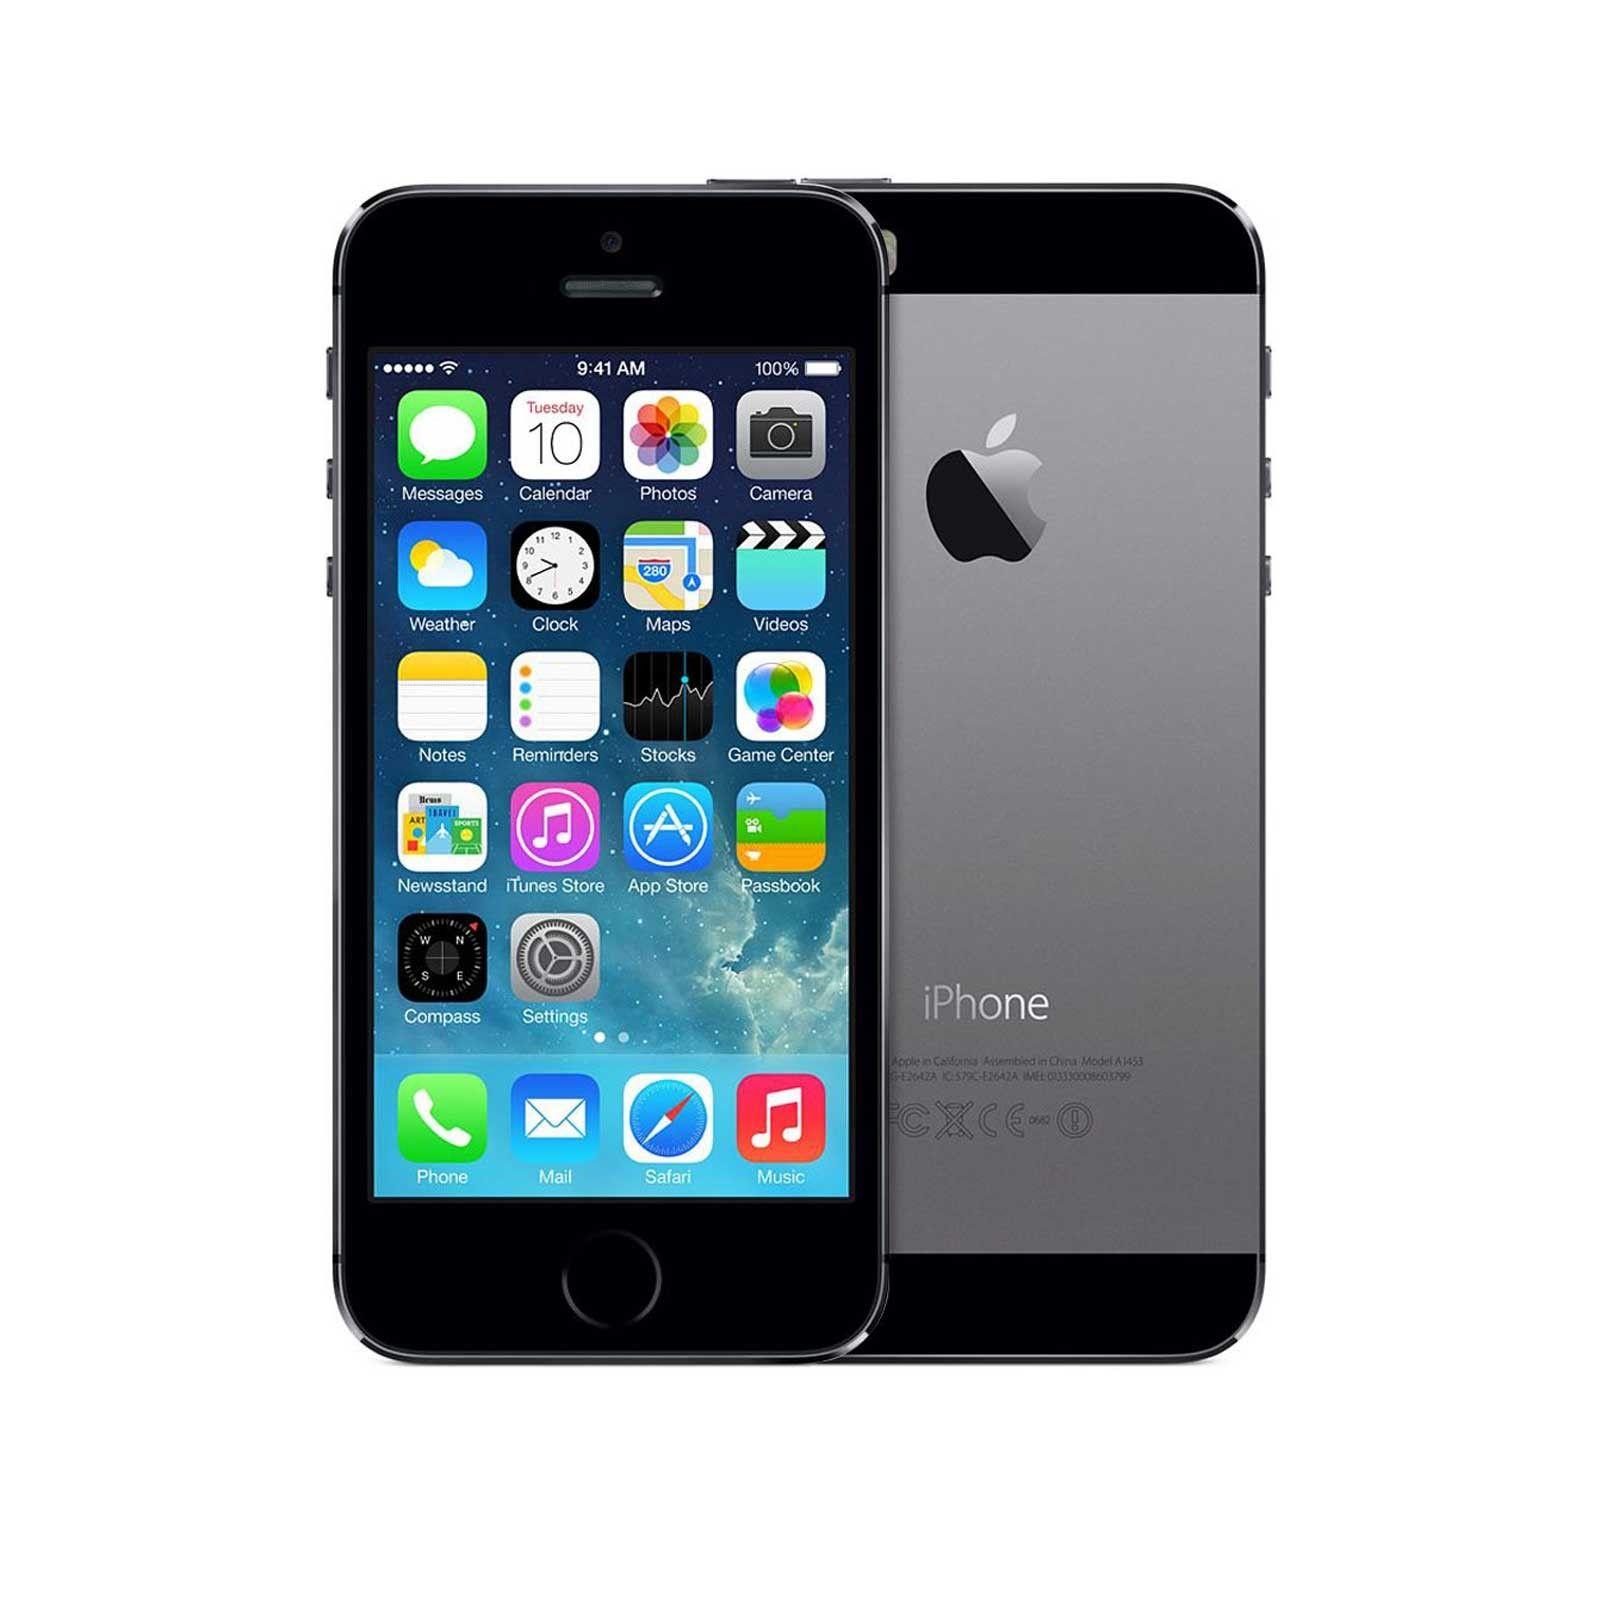 apple iphone 5s buy online